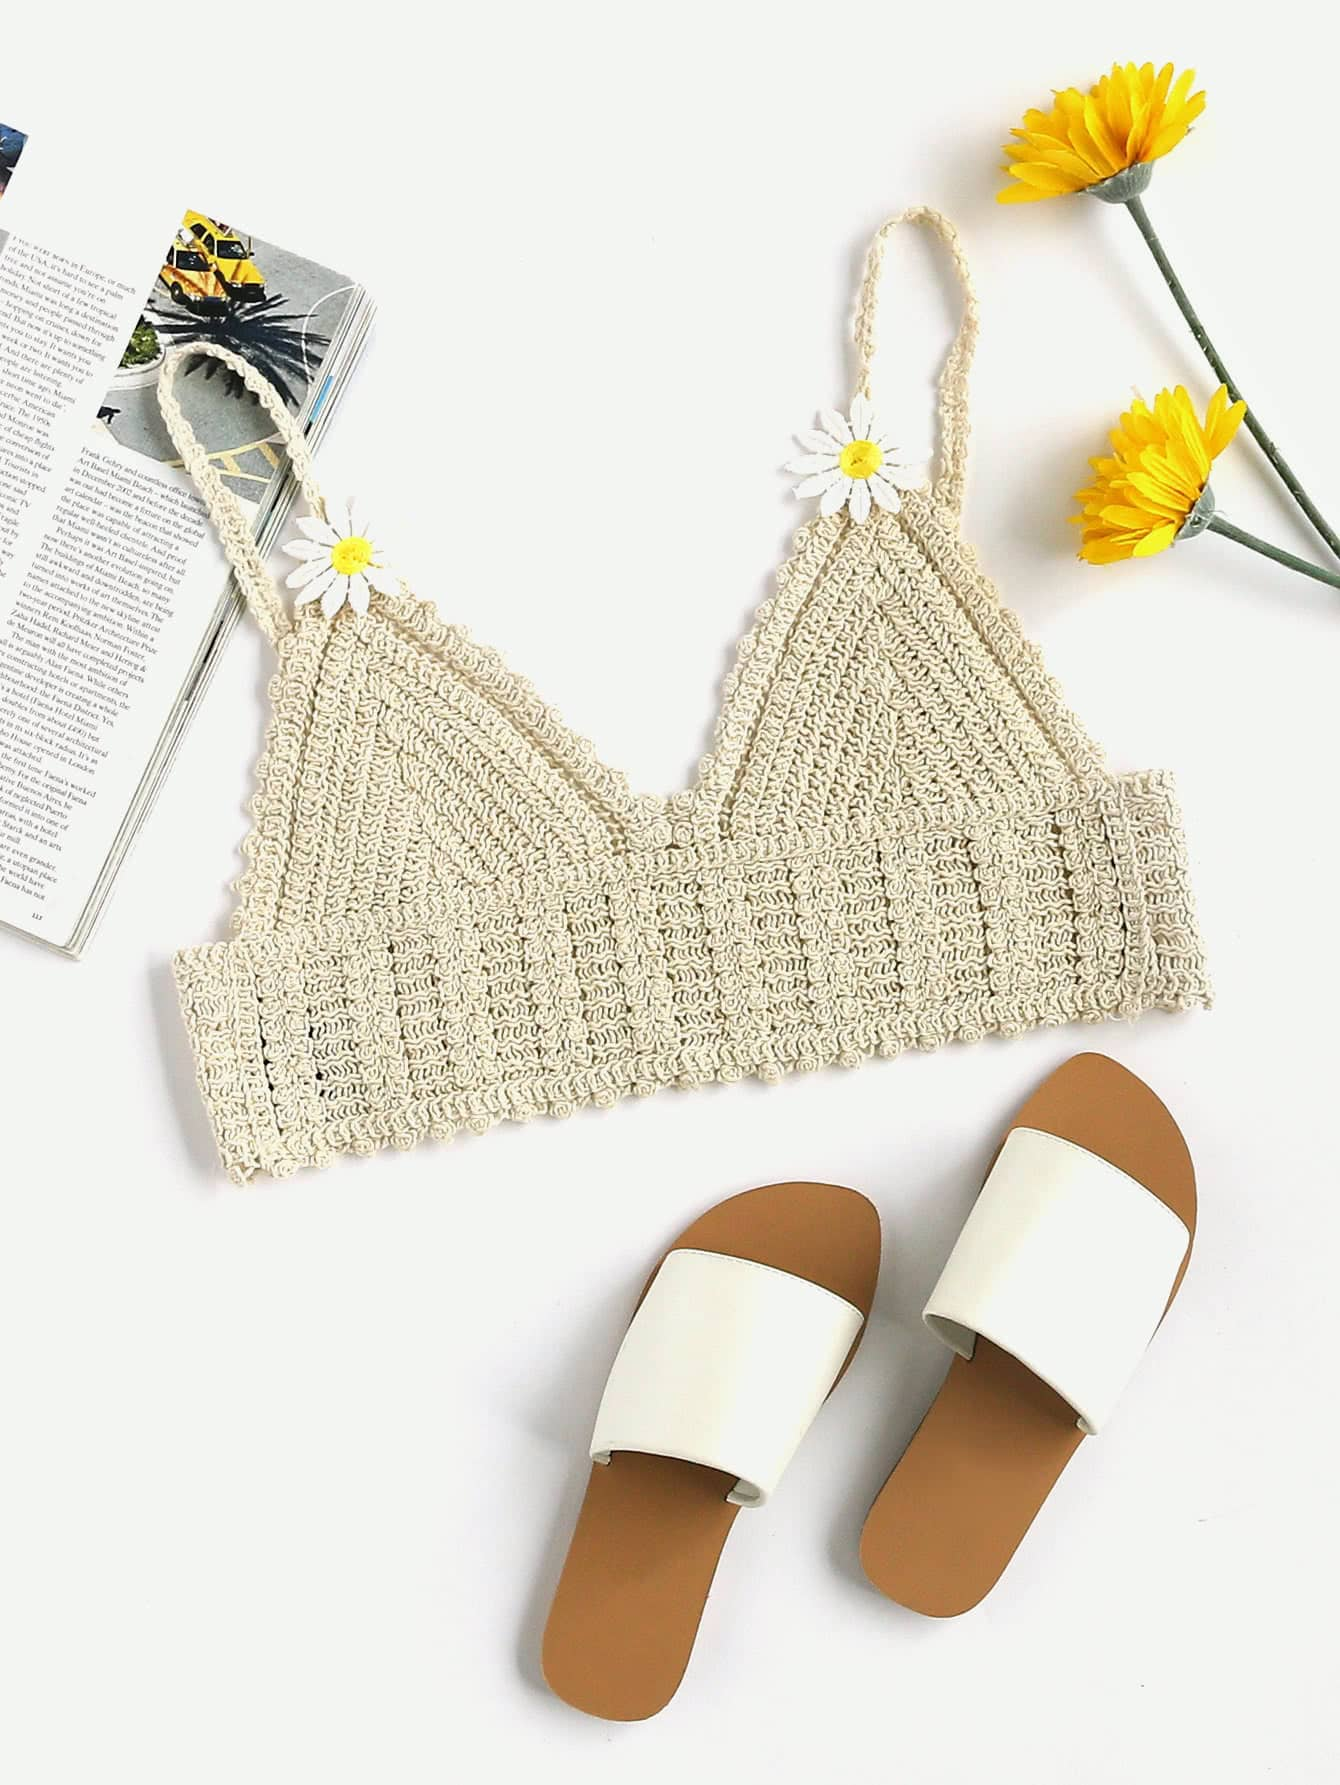 Sujetador crochet con aplicaci n spanish romwe - Aplicaciones en crochet ...